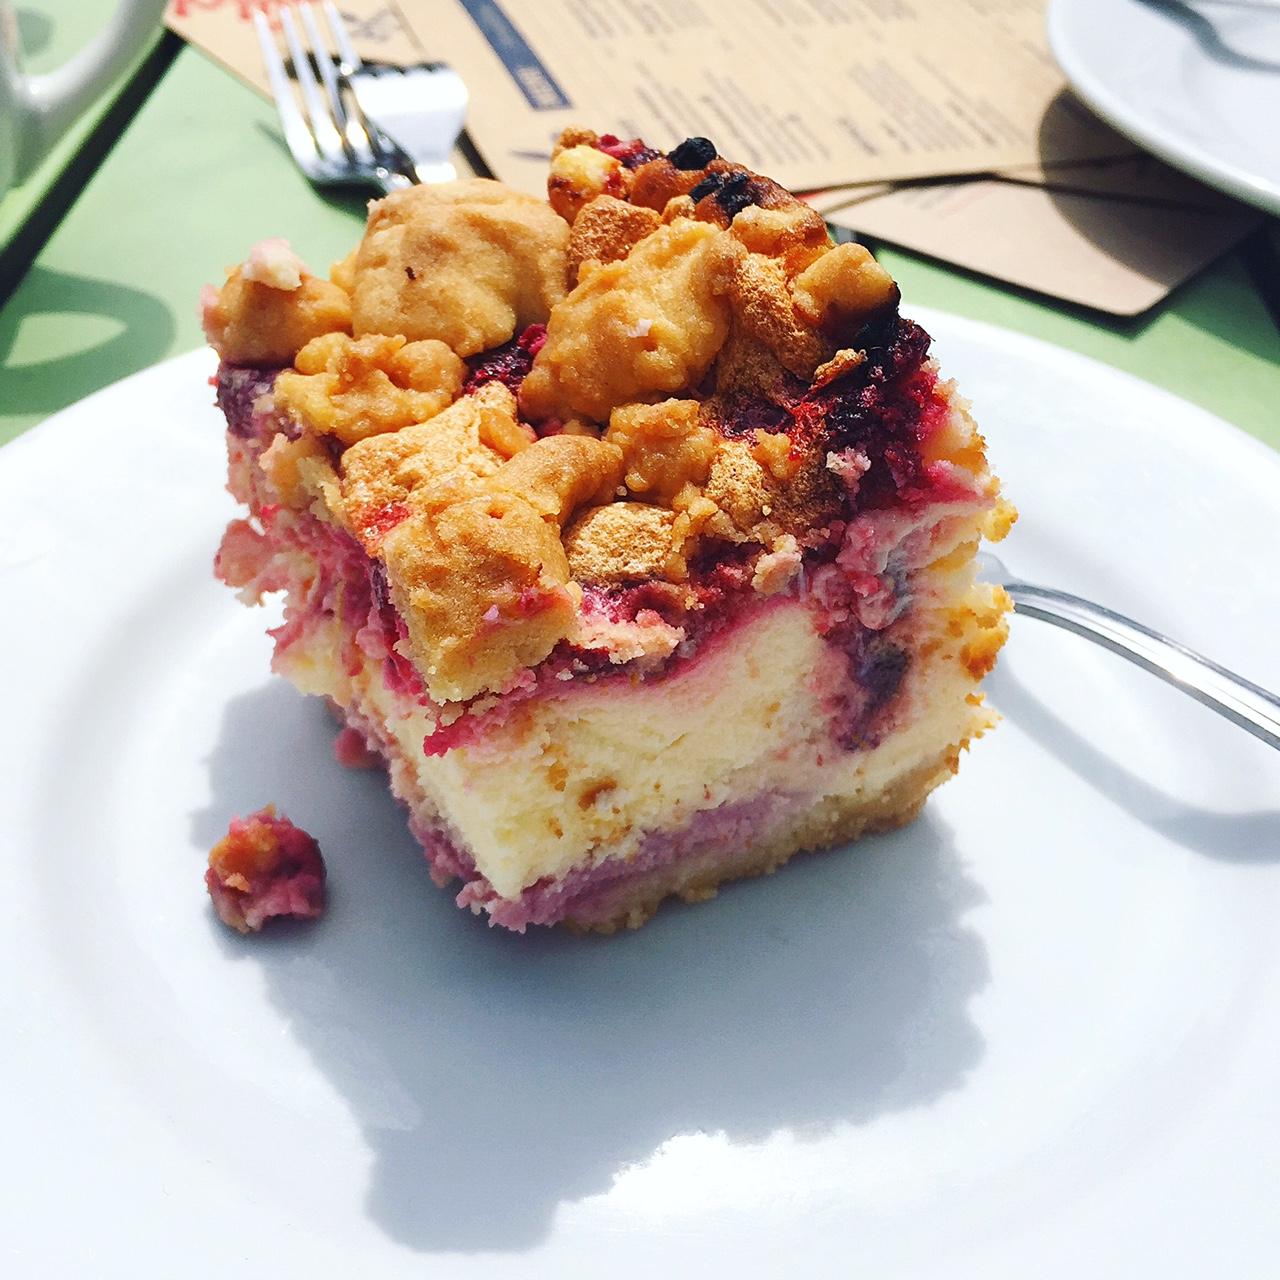 blog-chelt-cheltenham-food-dessert-btp-boston-tea-party-cake.jpeg